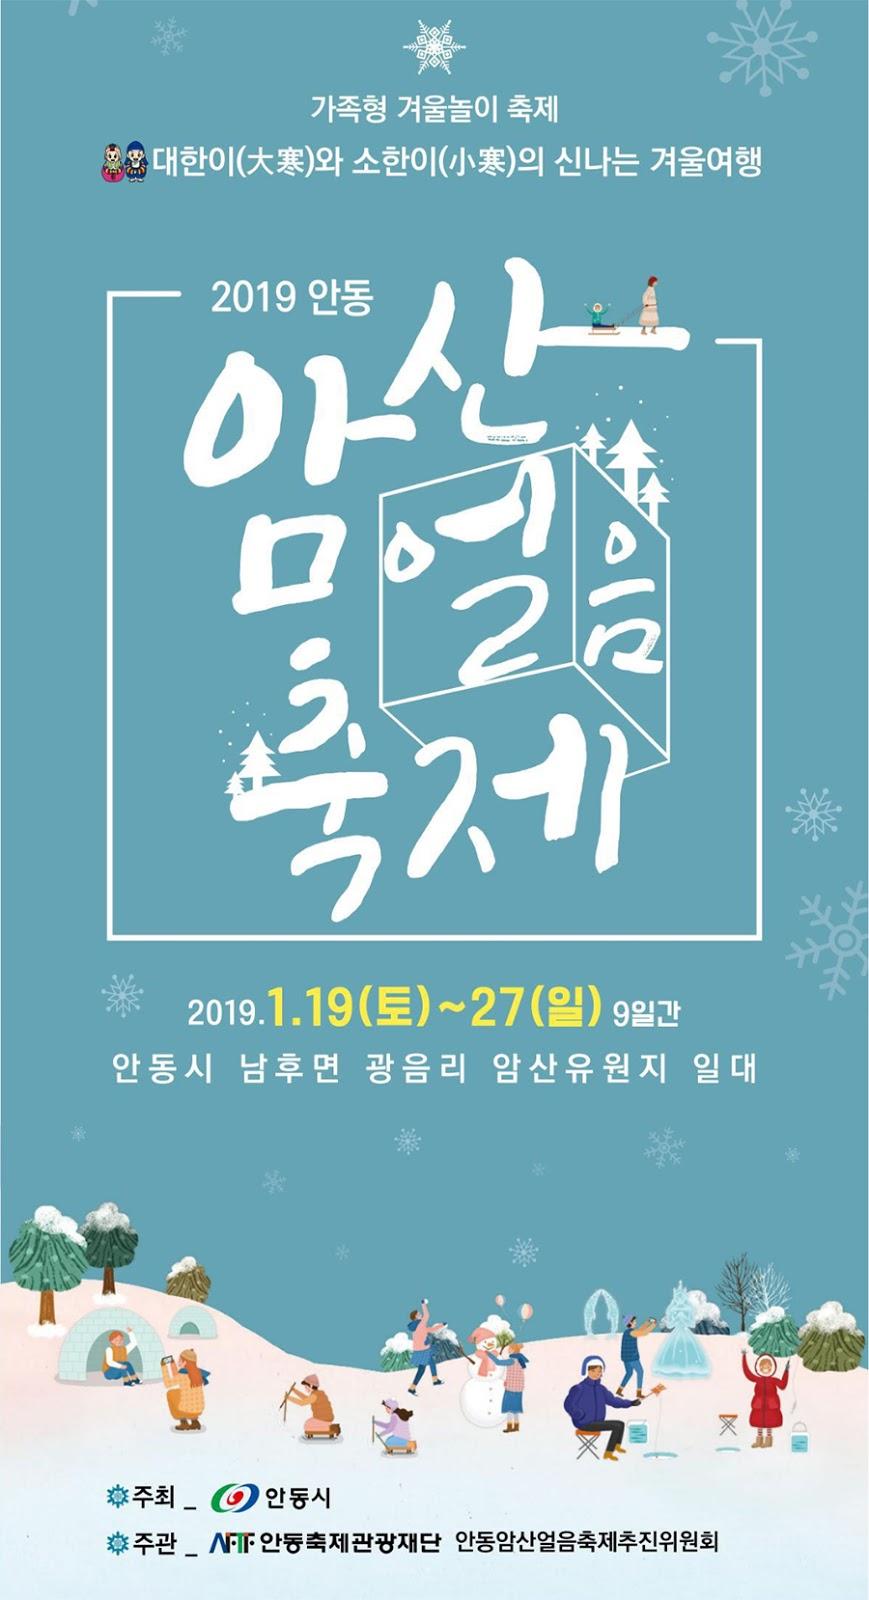 영남 최대의 겨울 축제 '2020 안동 암산얼음축제' 1월18일 개최